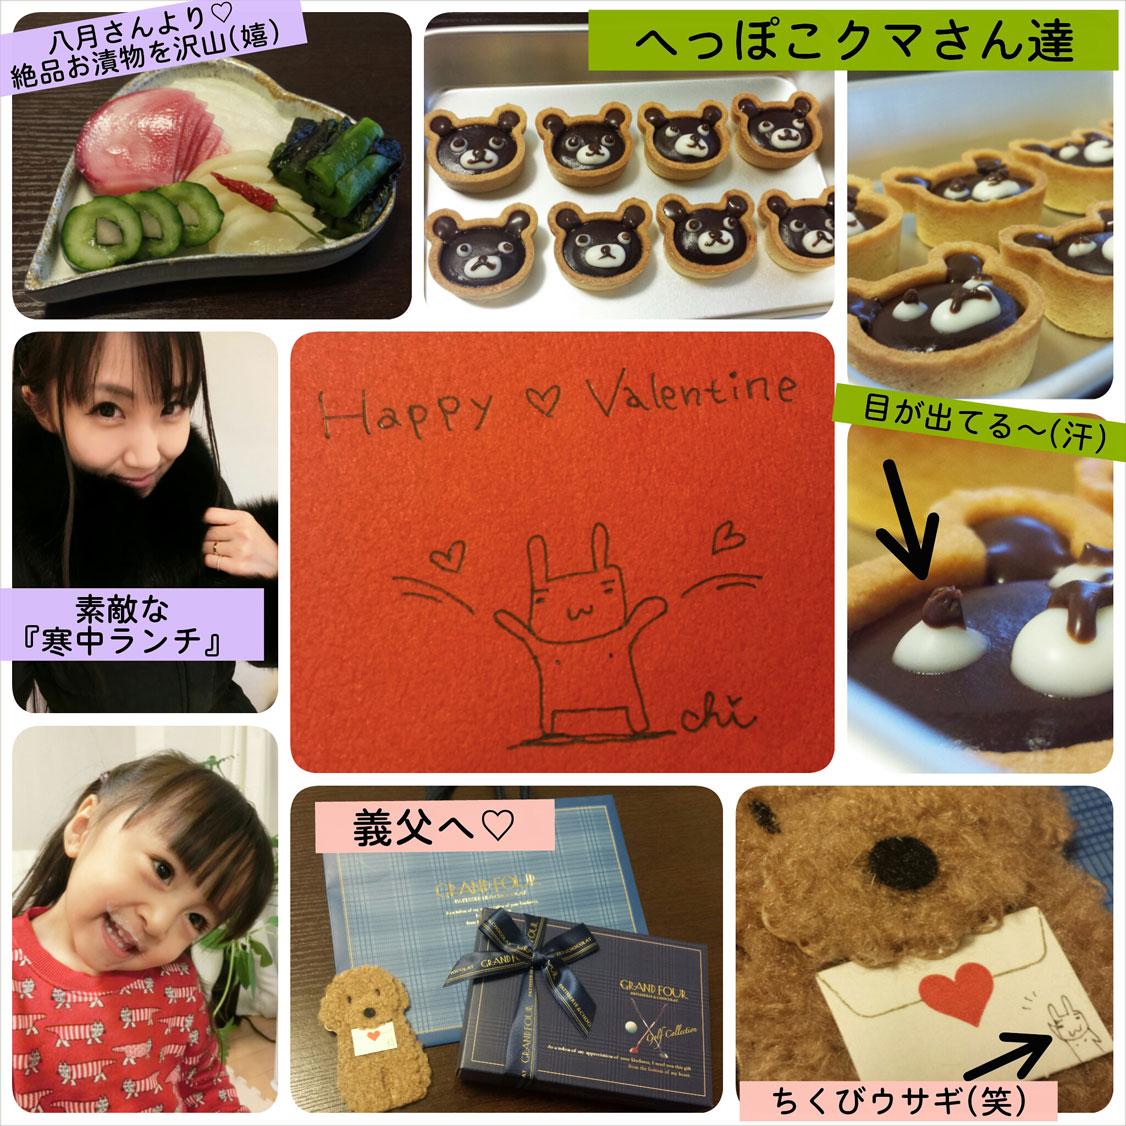 笑顔のValentine♡絶品お漬物&へっぽこクマさん(汗)_d0224894_830274.jpg